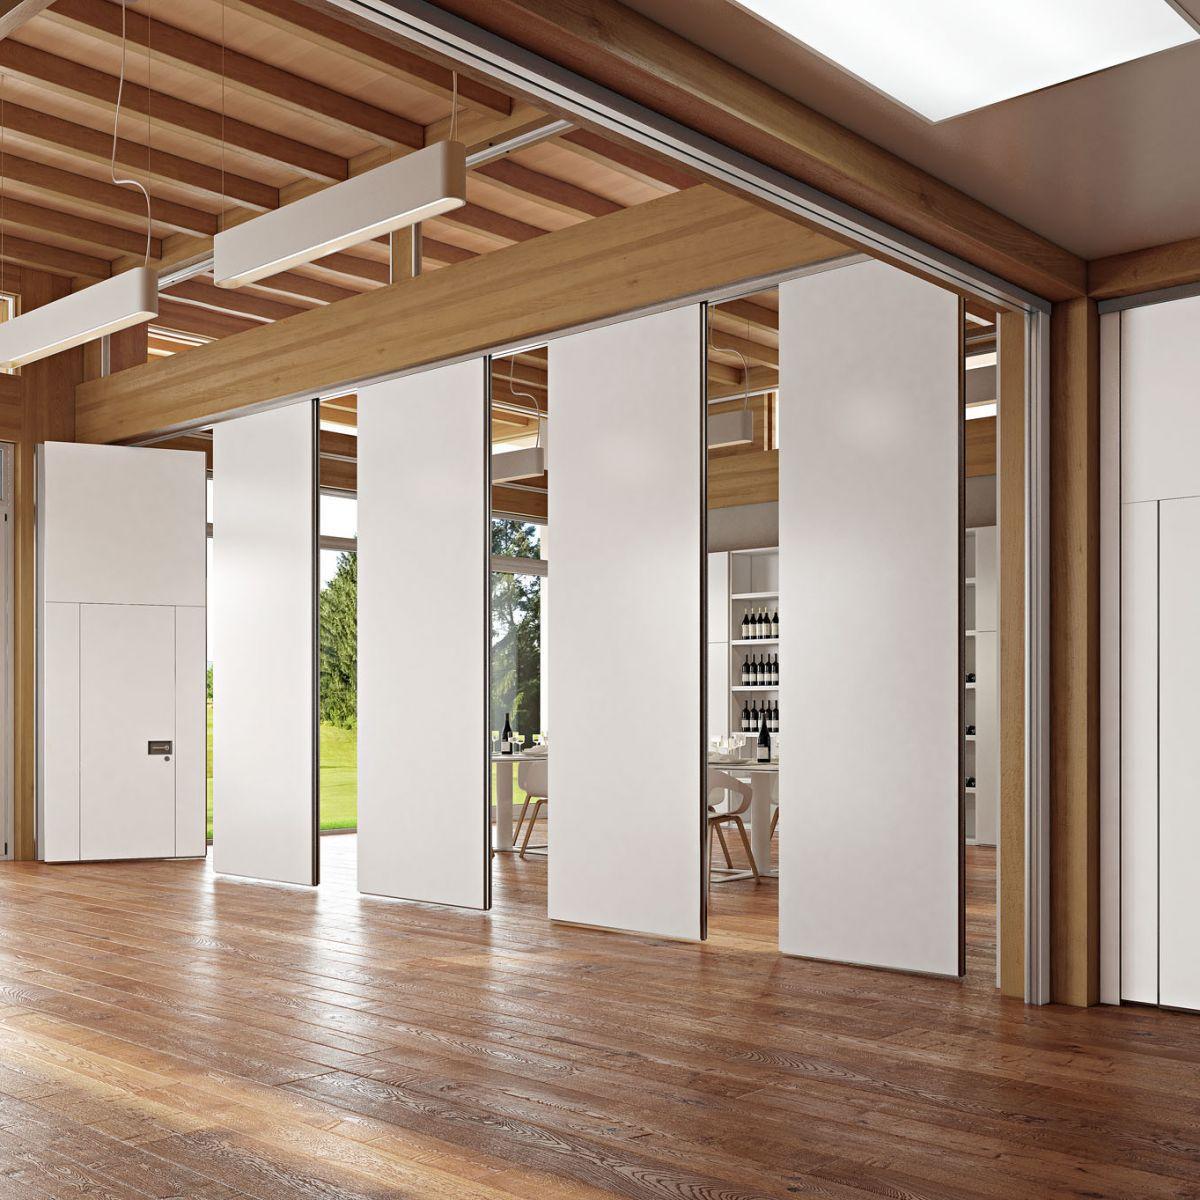 Divisori In Legno Per Interni parete roto-traslante - rolling wall - arcadia - in legno